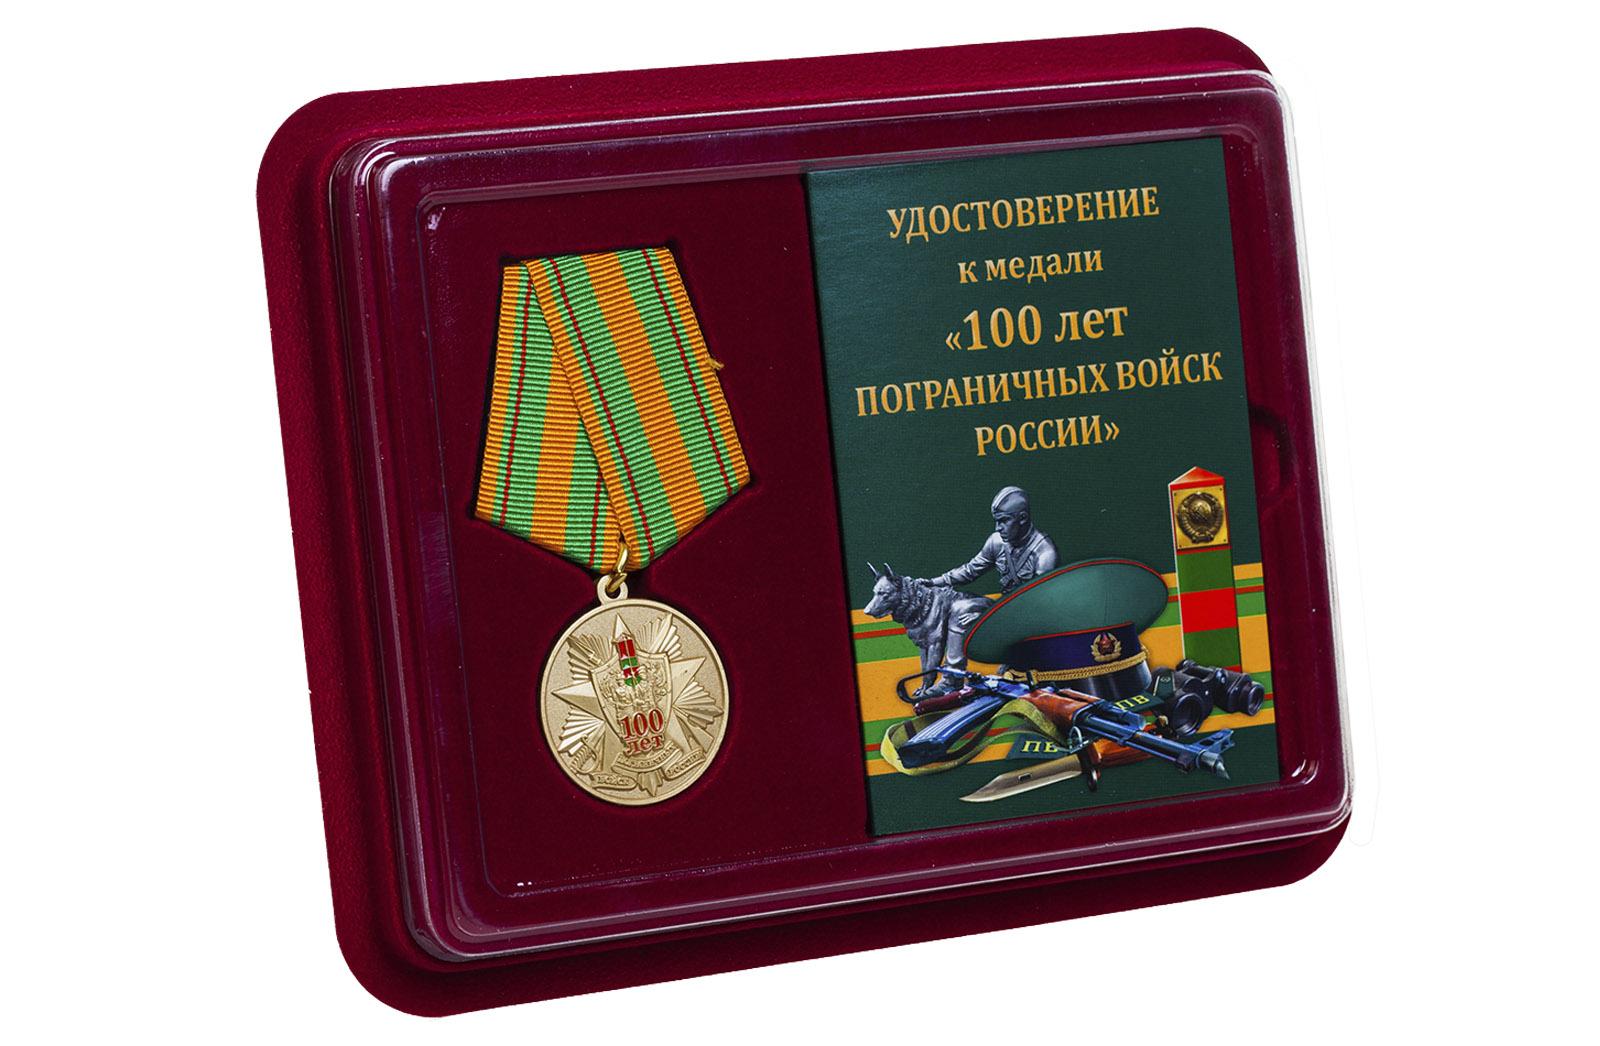 Медаль к вековому юбилею Пограничных войск России купить онлайн